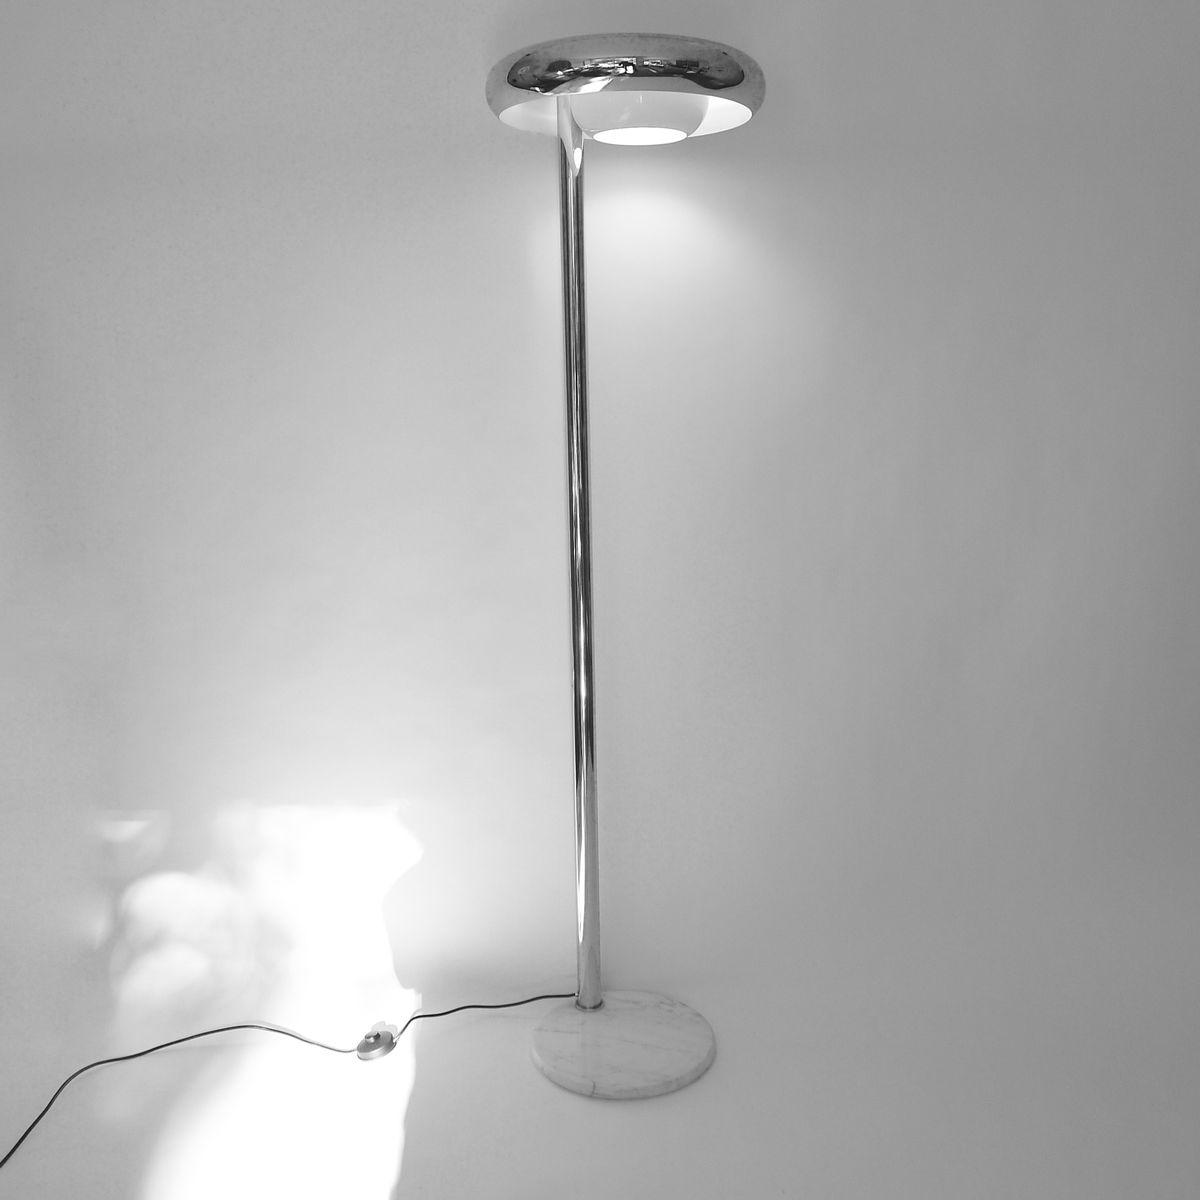 italienische stehlampe 1970er bei pamono kaufen. Black Bedroom Furniture Sets. Home Design Ideas